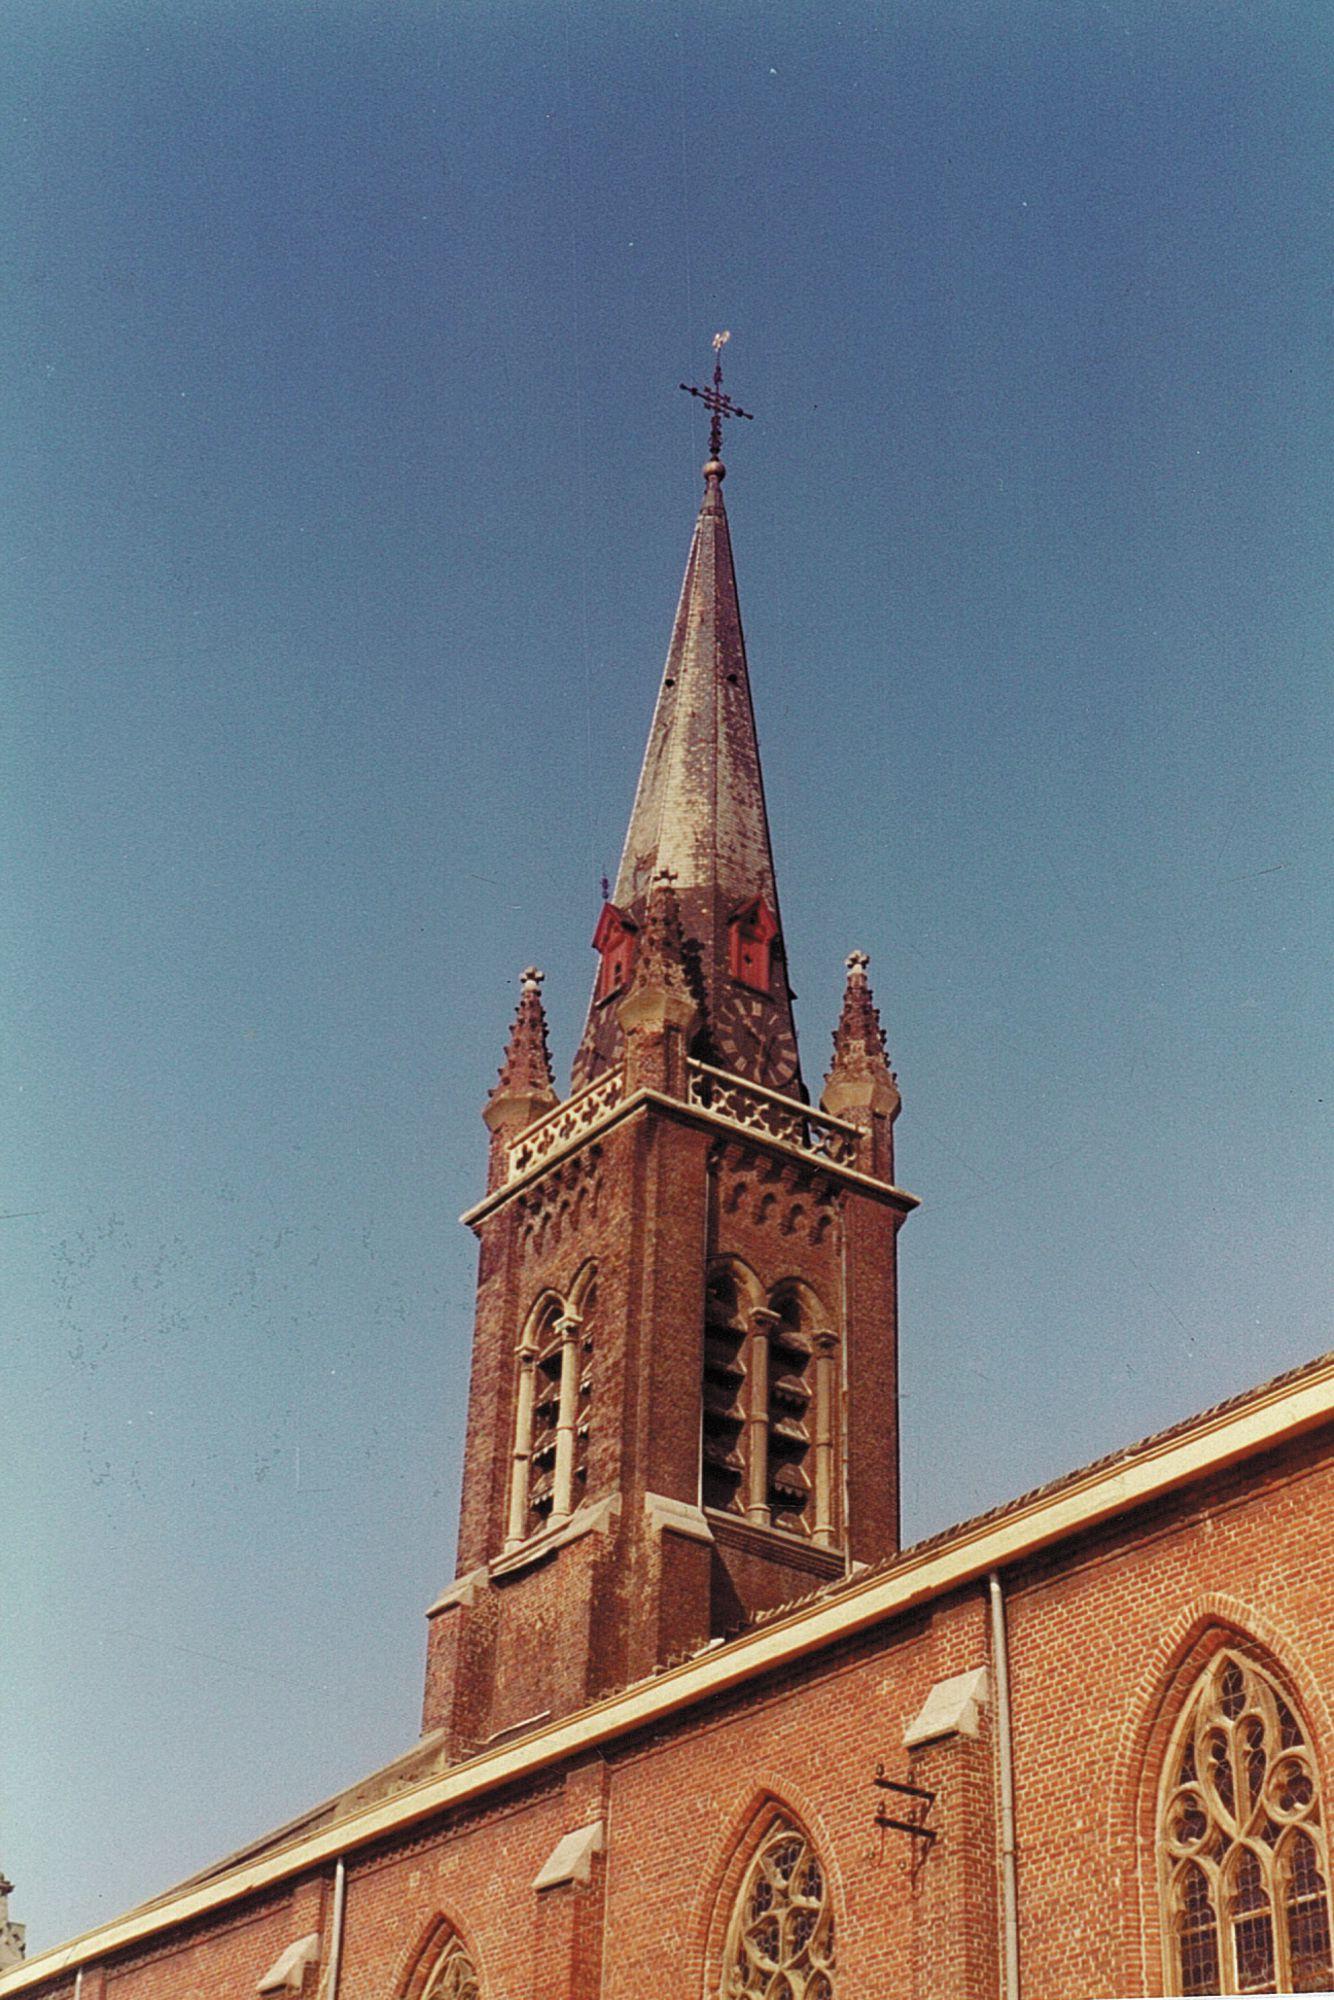 Sint-Rochuskerktoren